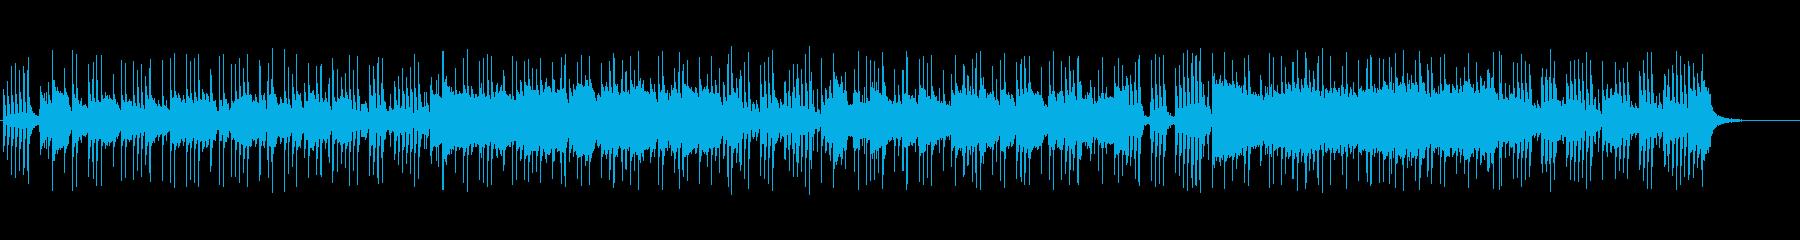 ゴージャスさを演出するバブリーな曲の再生済みの波形